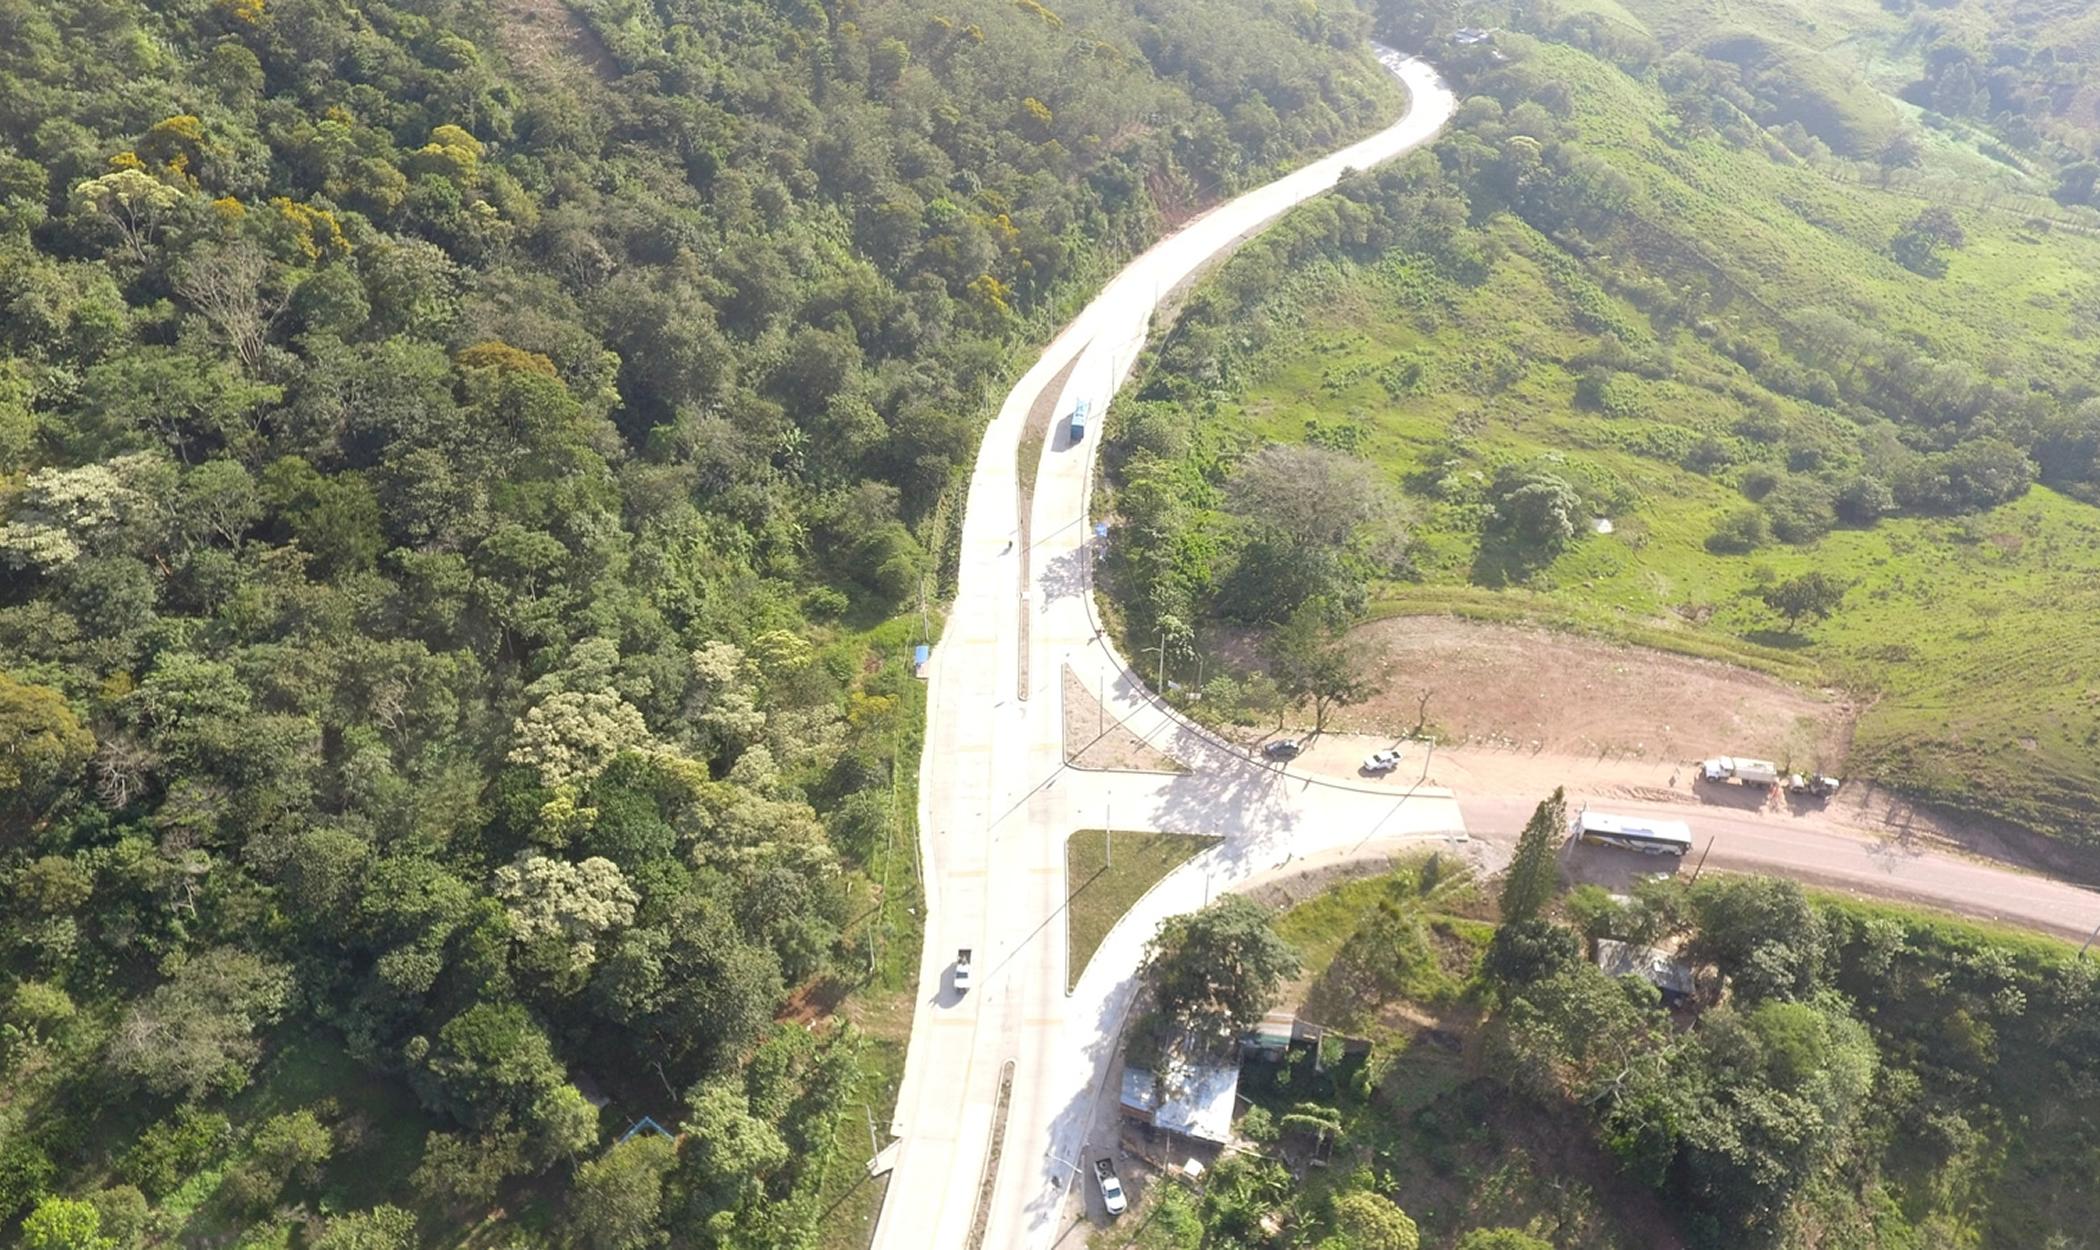 Reabilitação da Carretera del Occidente - Honduras